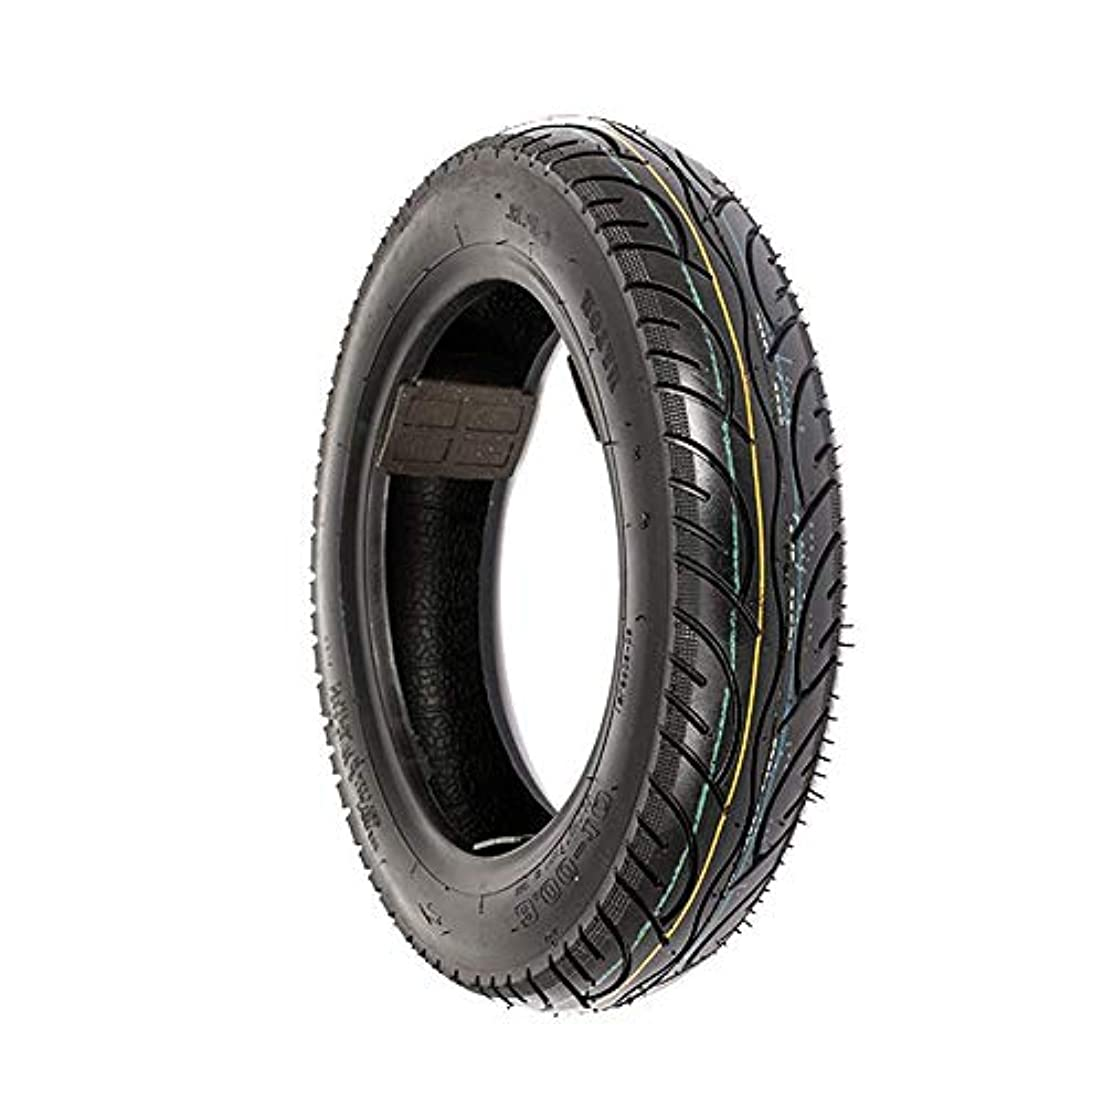 広がりセンサーのどNfudishpu電動スクータータイヤ、3.00-10 8pr強化パンク耐性真空タイヤ、安全で耐久性があり、14x3.2 / 15x3.0、185kgの荷重に適しています